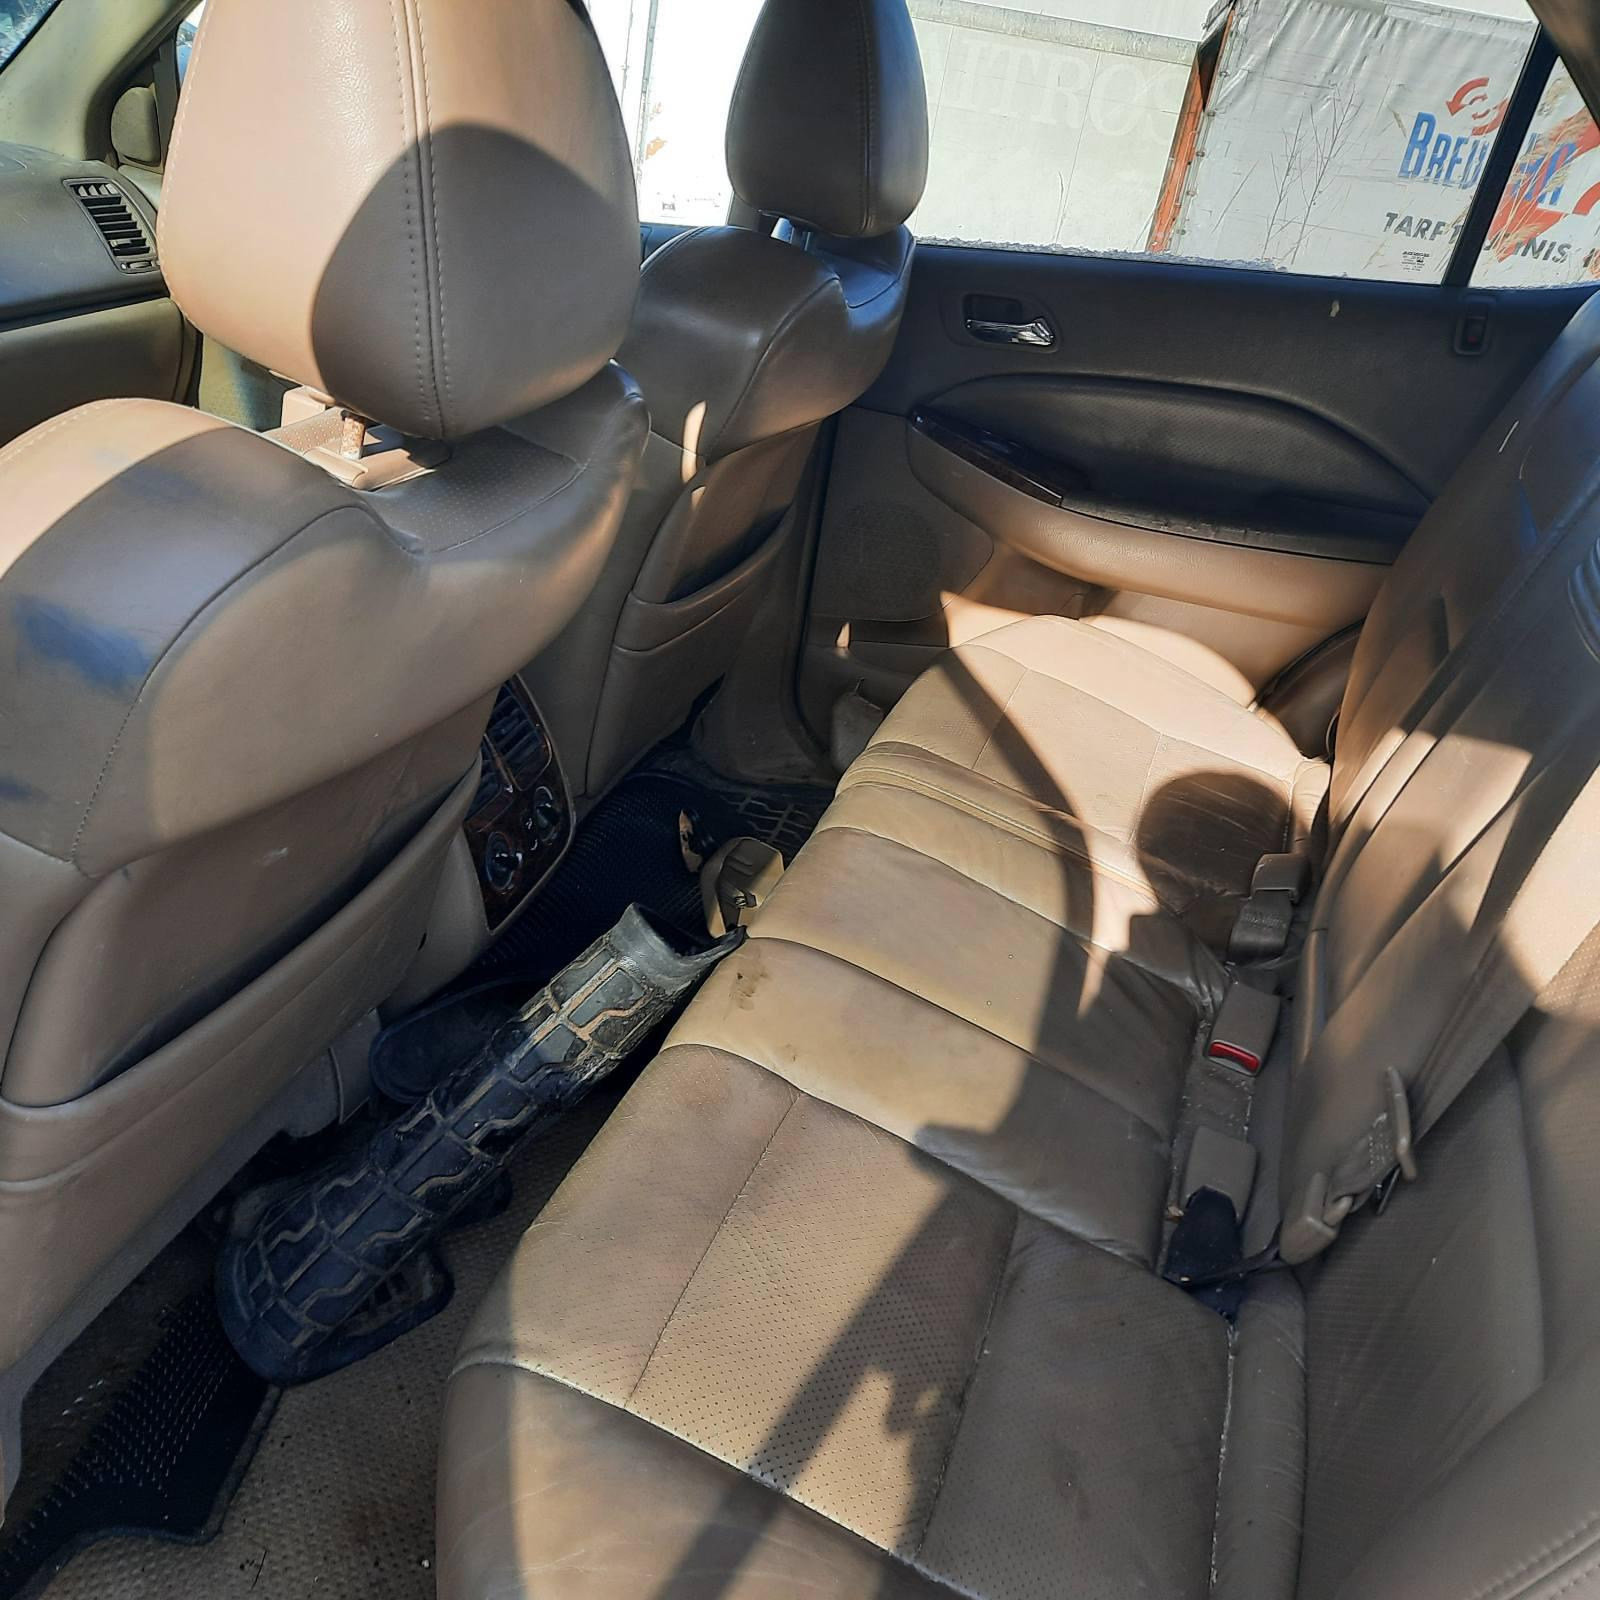 Подержанные Автозапчасти Acura MDX 2002 3.5 автоматическая напрямик 4/5 d. белый 2021-4-07